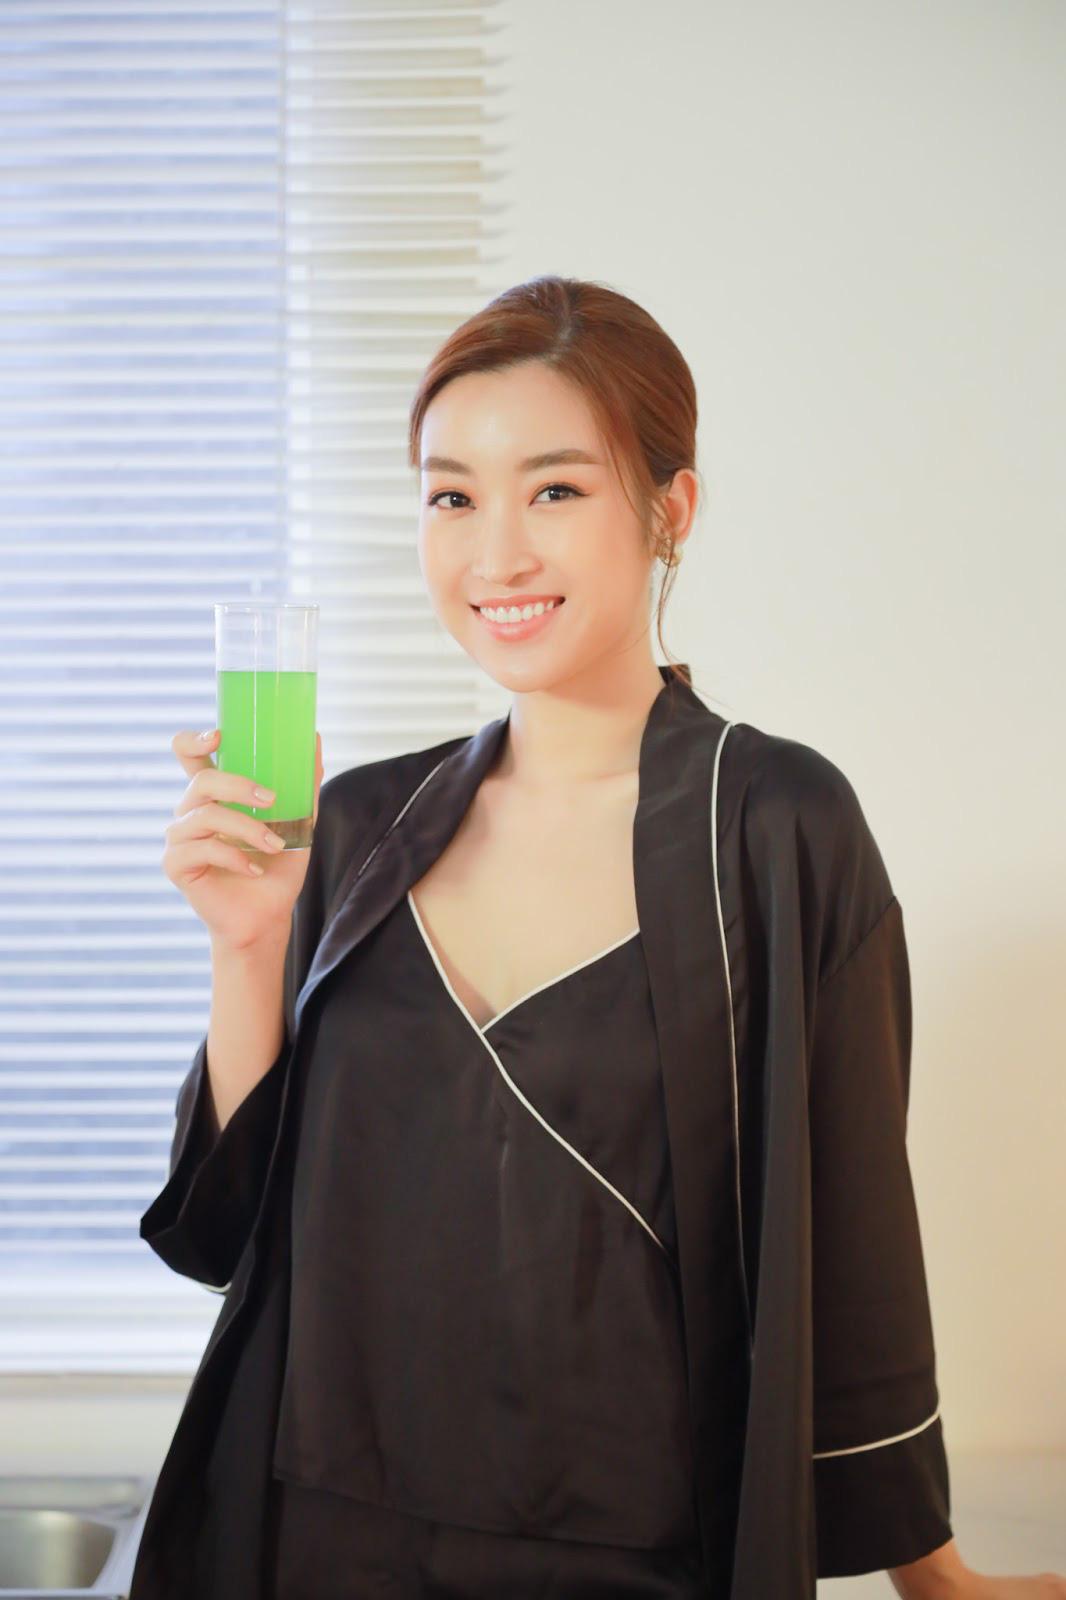 """Bật mí bí quyết giữ dáng """"chuẩn hoa hậu"""" của Đỗ Mỹ Linh - Ảnh 5."""